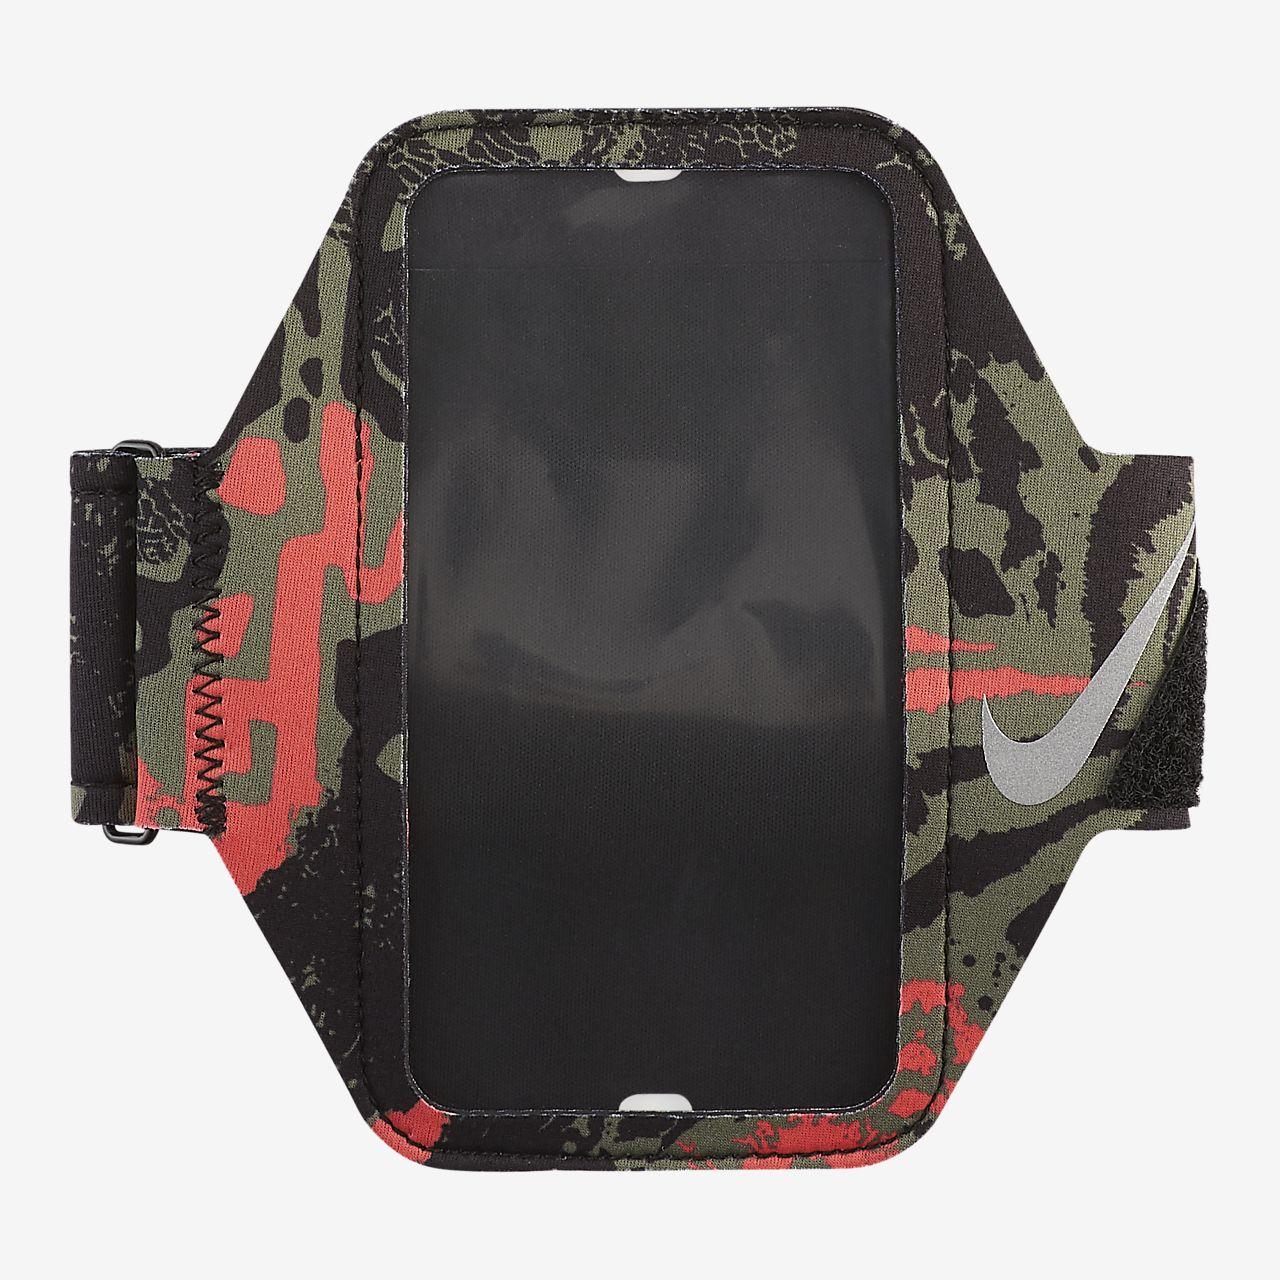 Nike Printed Lean 臂带(1 条)